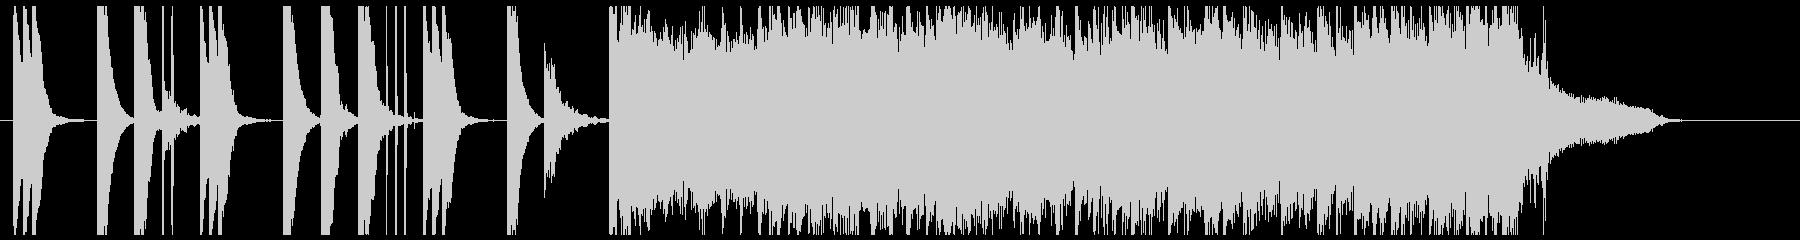 ファッショナブルなCM音楽の未再生の波形